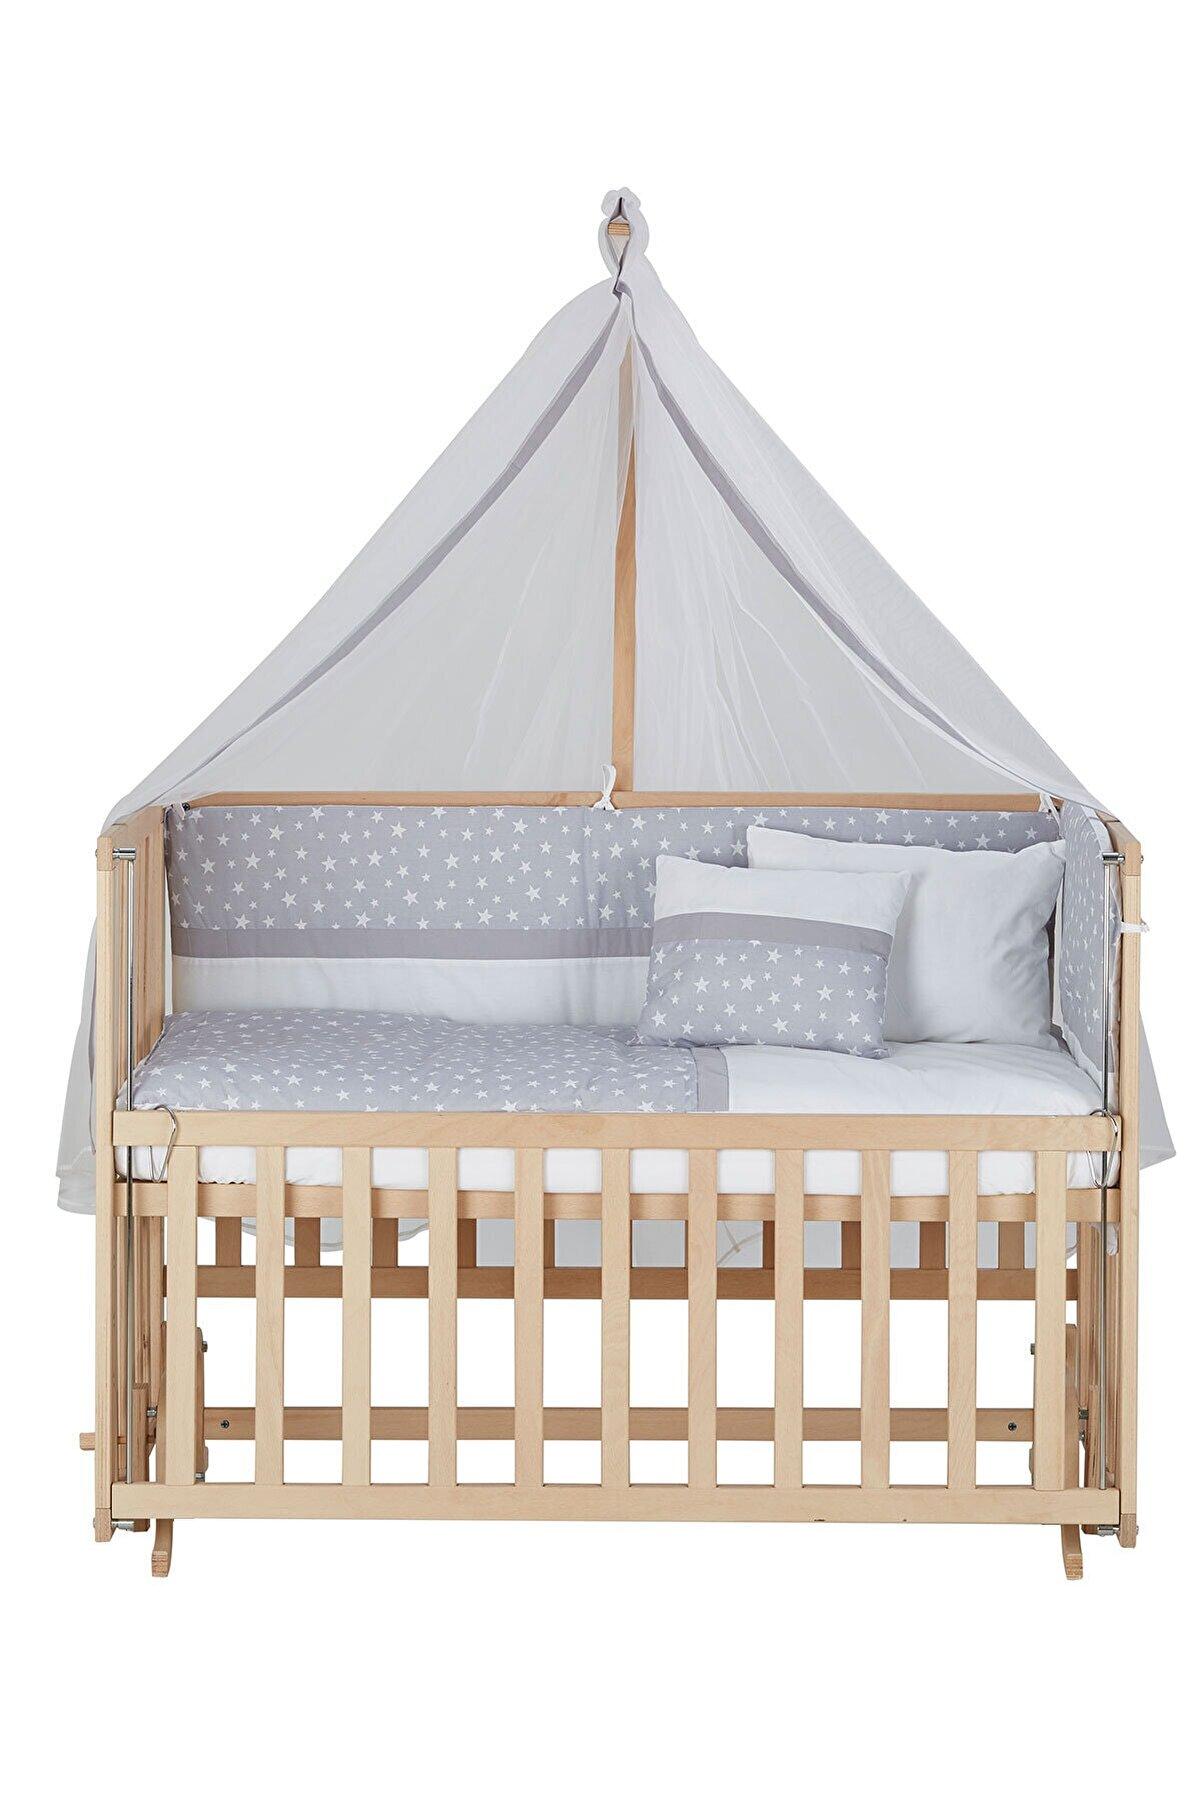 Babycom Anne Yanı Doğal Boyasız Ahşap Kademeli Beşik 70x130 + Gri Yıldızlı Uyku Seti